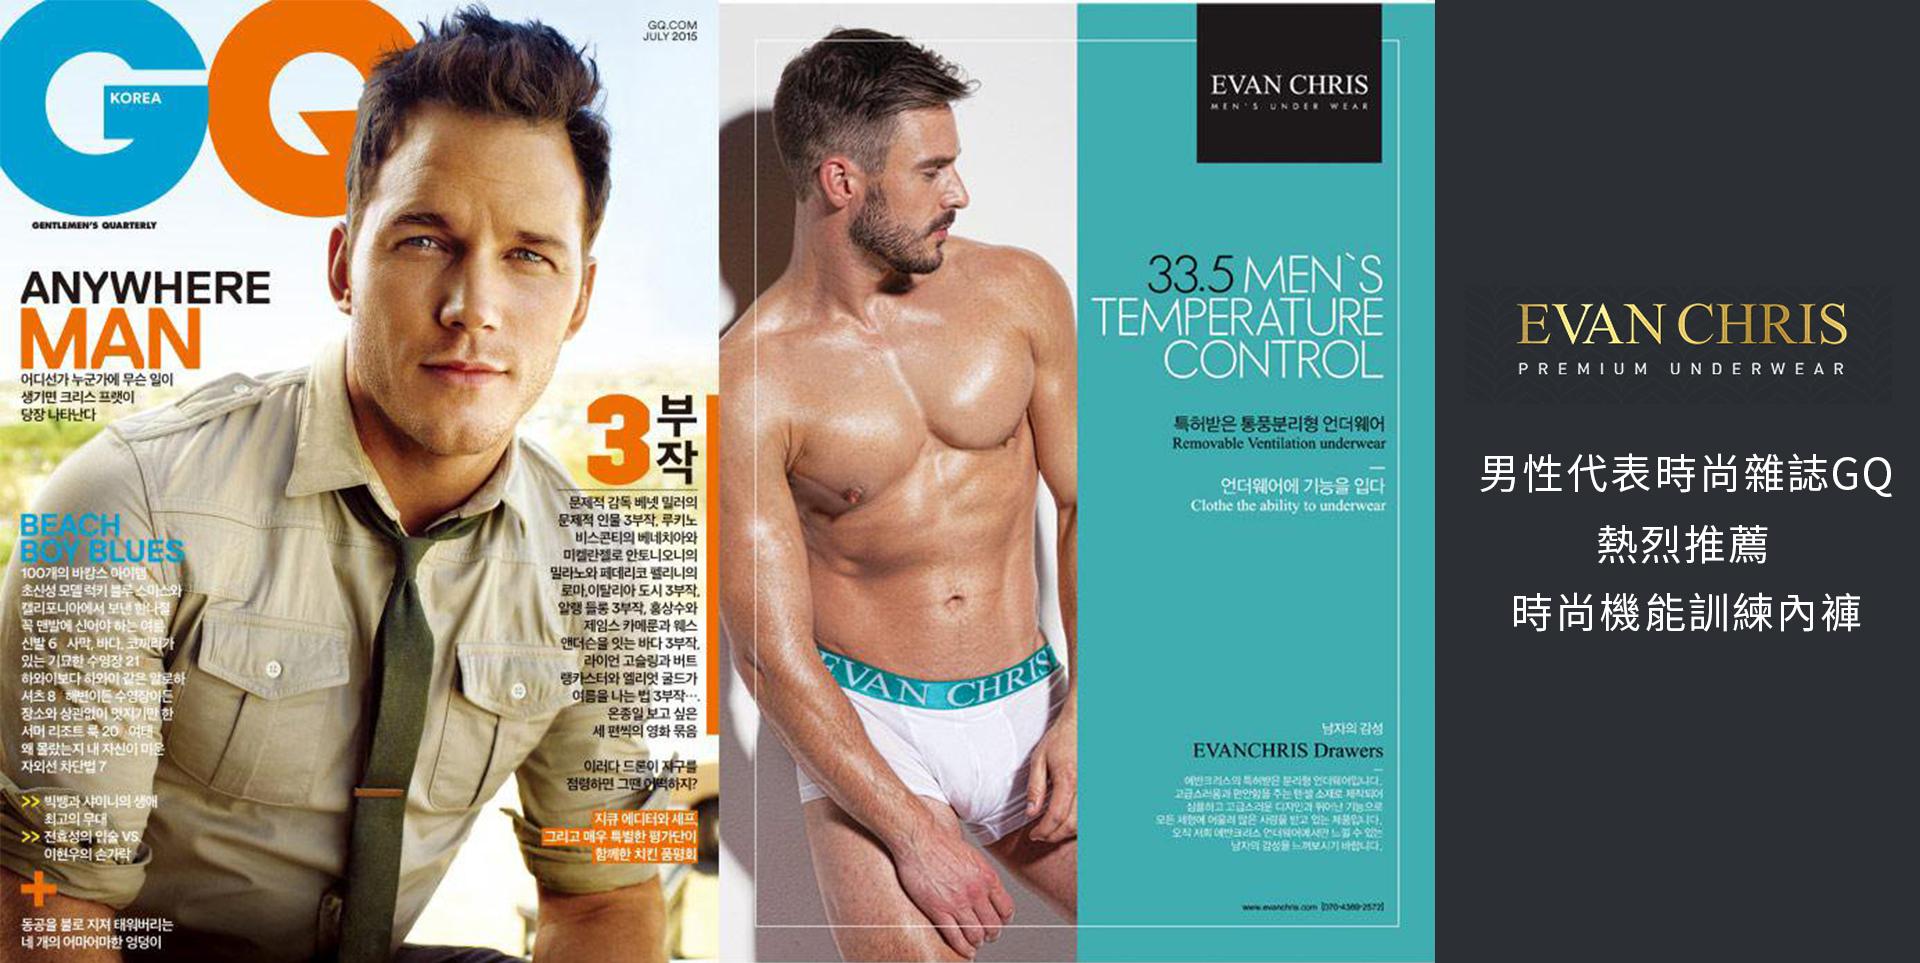 Evan Chris 男性代表時尚雜誌 GQ 熱烈推薦的機能褲